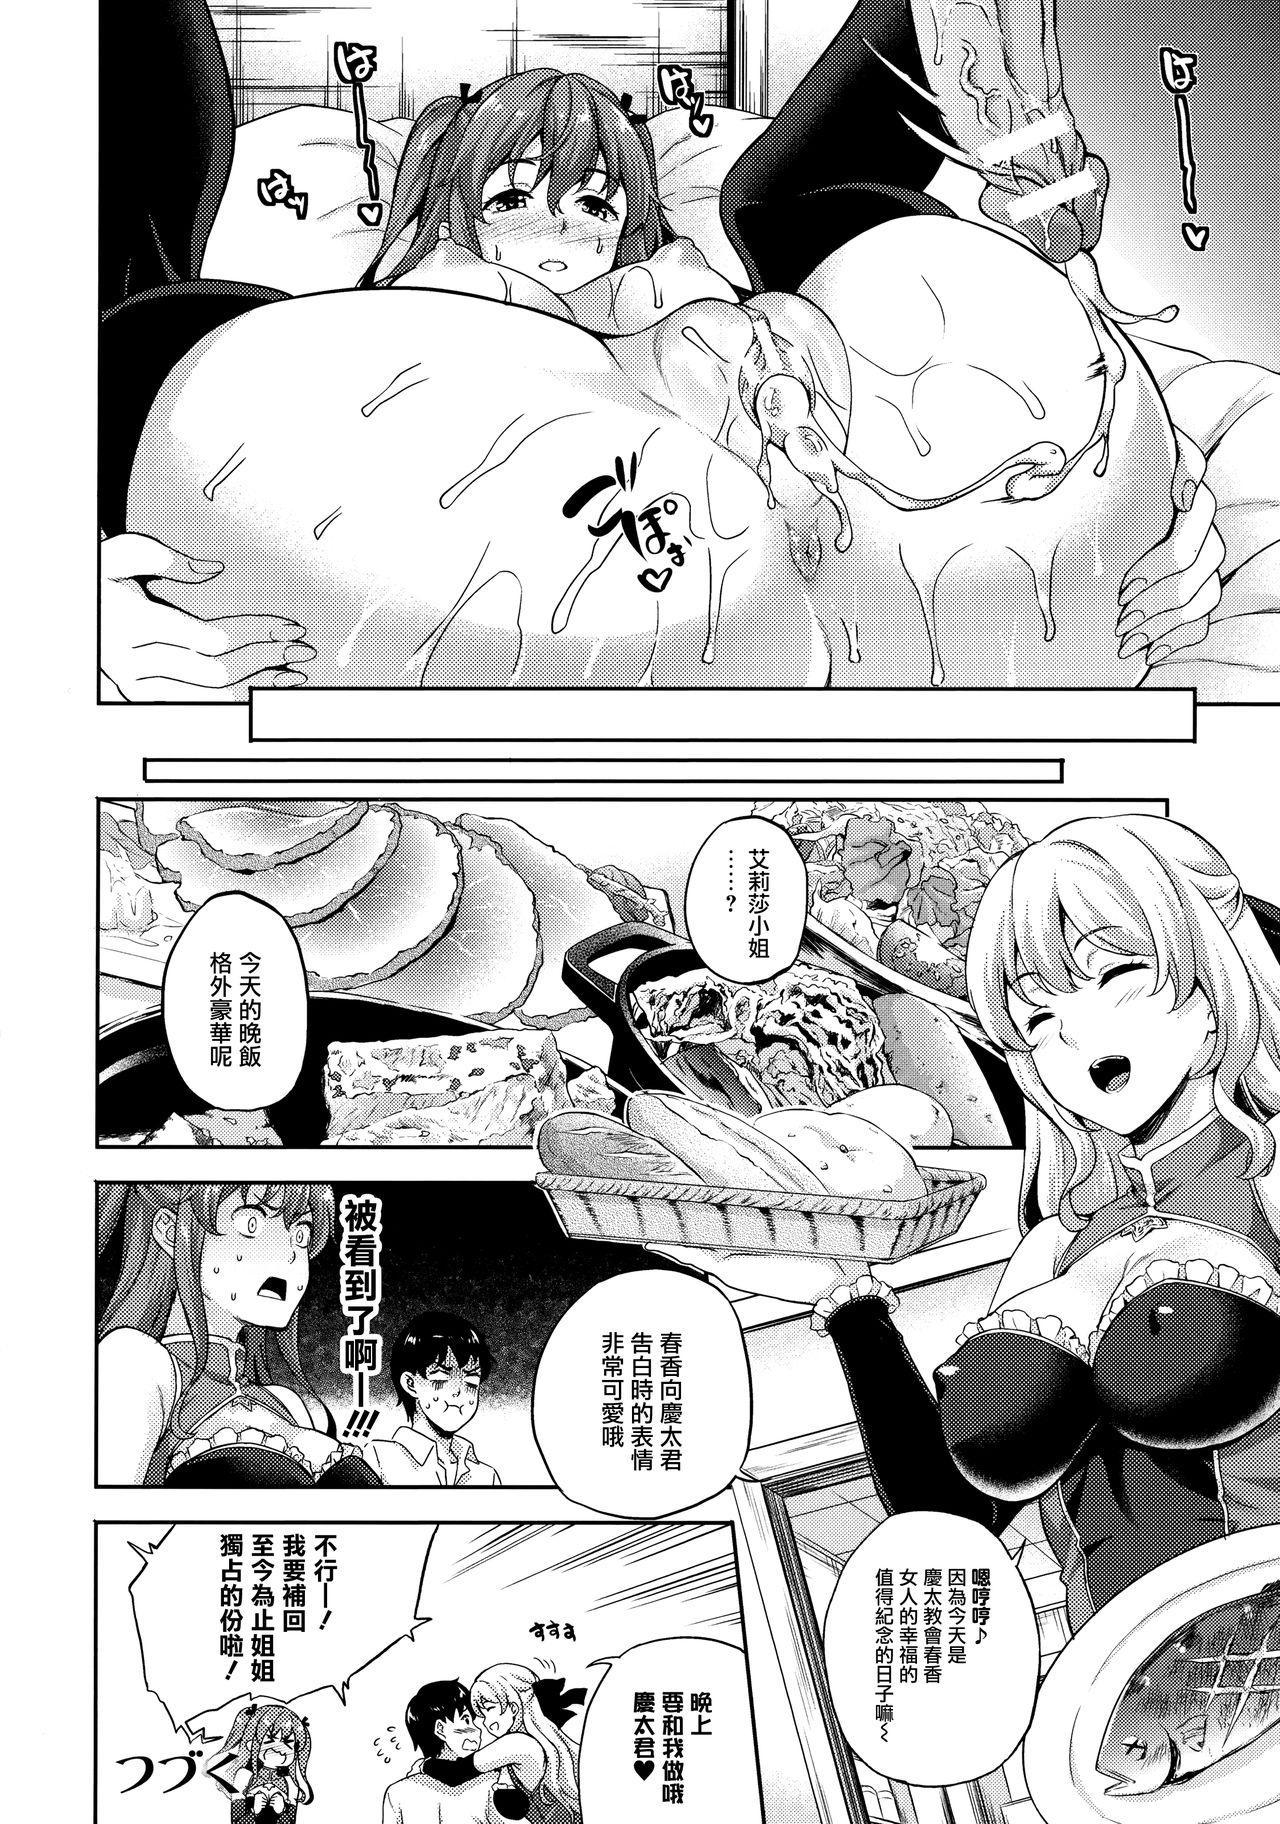 Koibito wa Kyuuketsuki!? 144